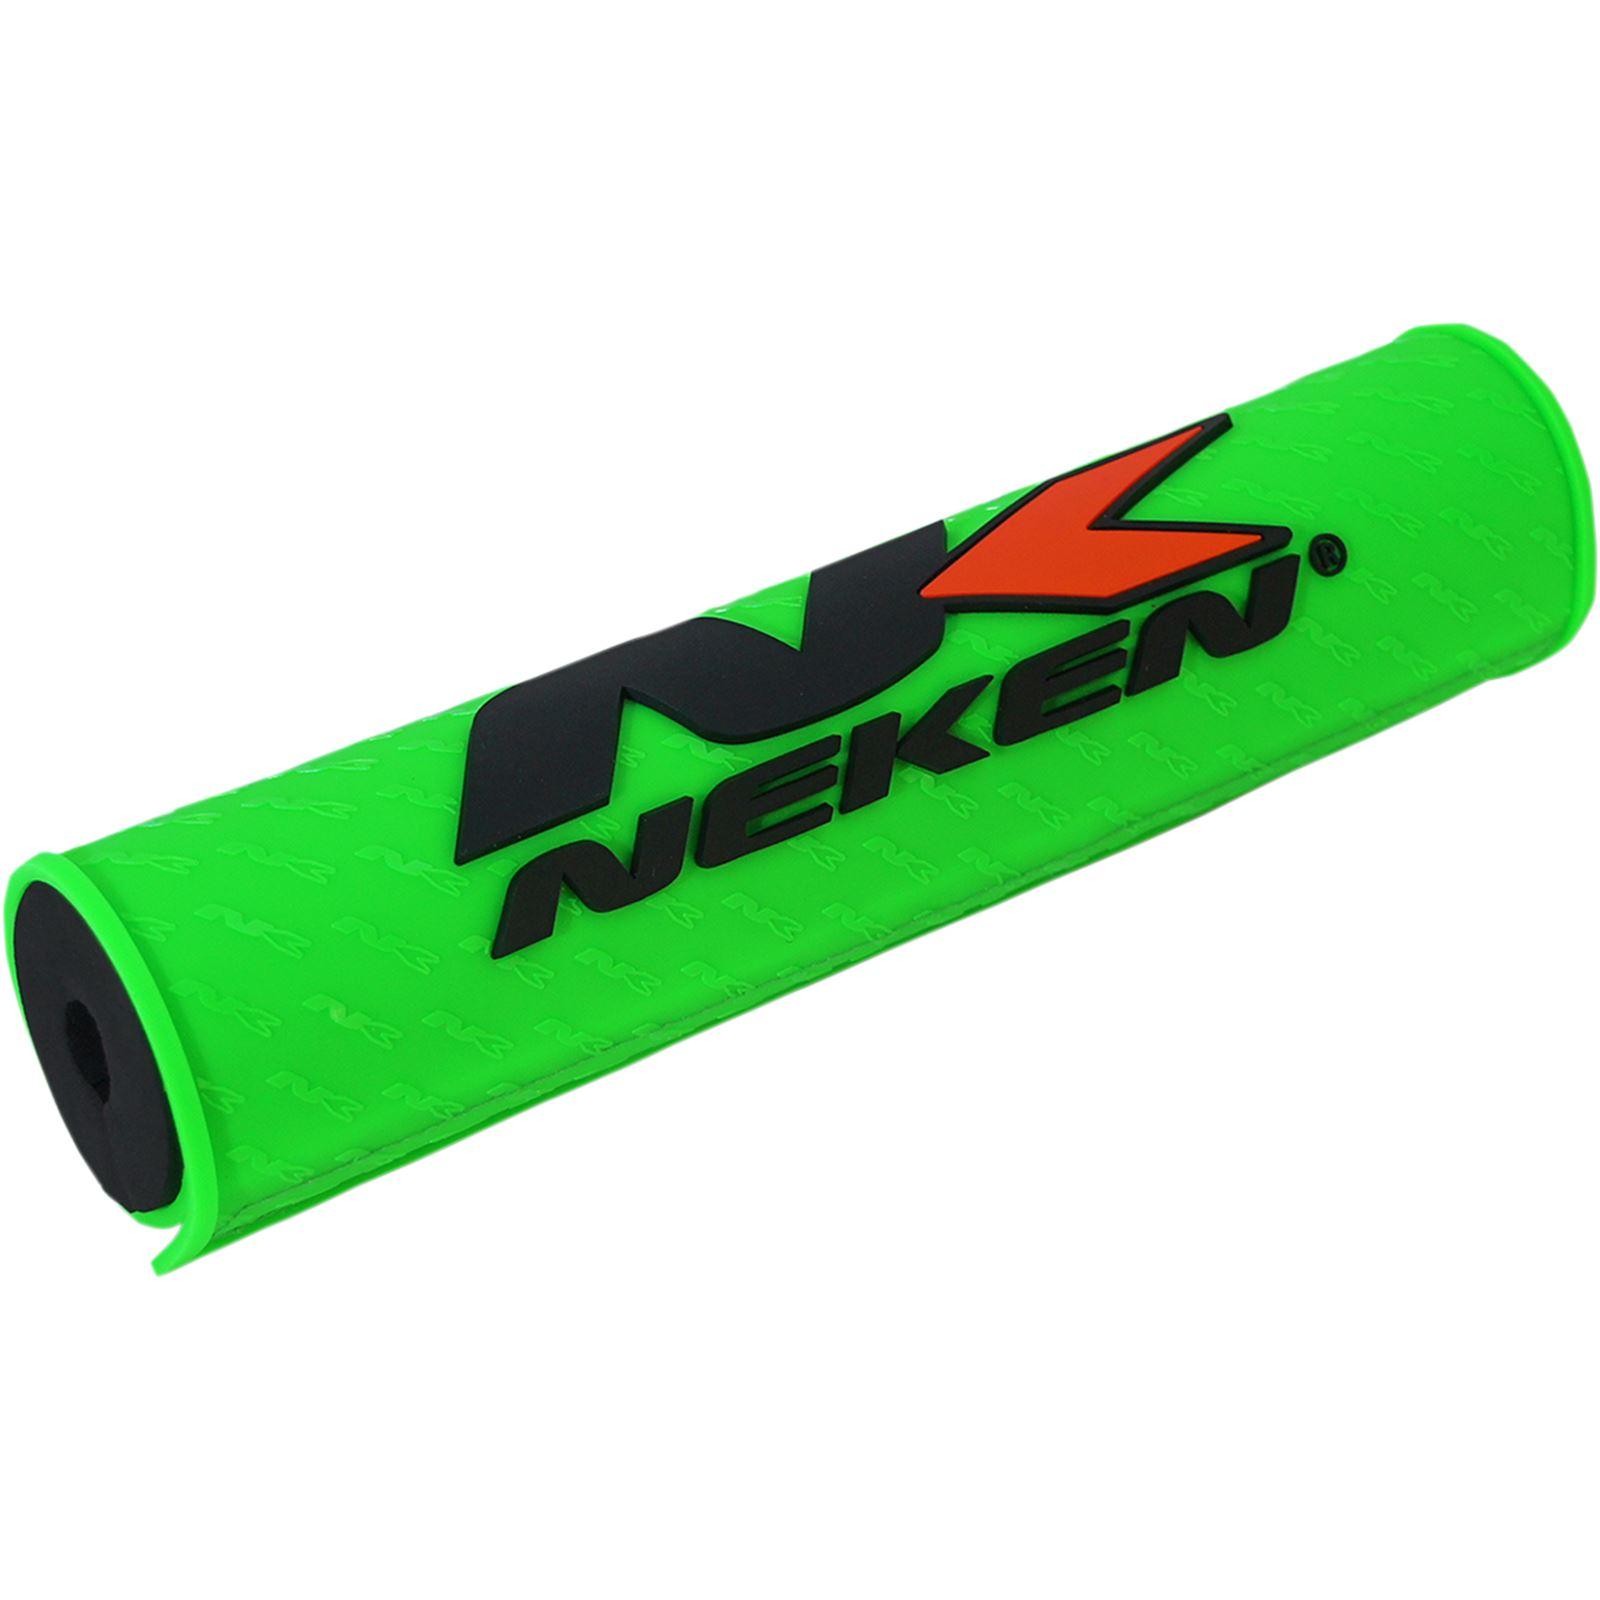 Neken Neken Standard Bar Pad - Florescent Green